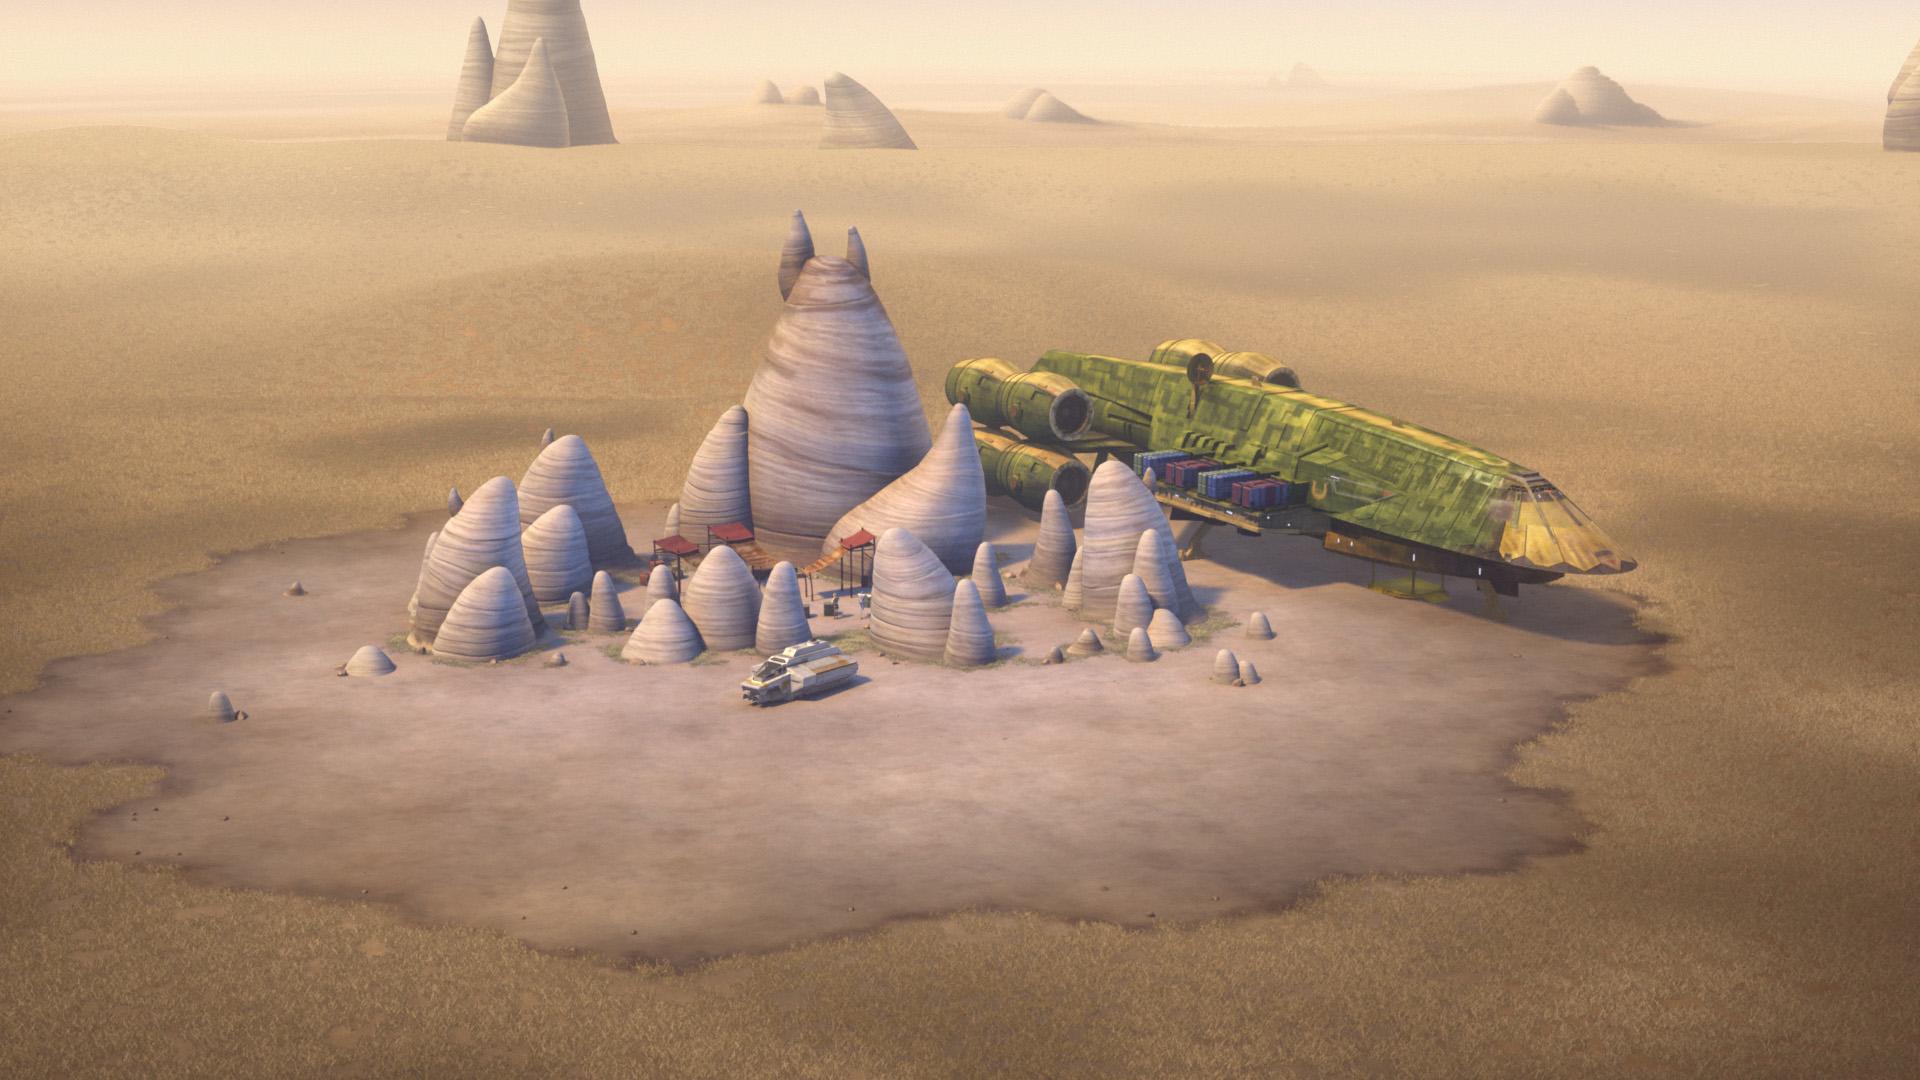 Ryder's camp